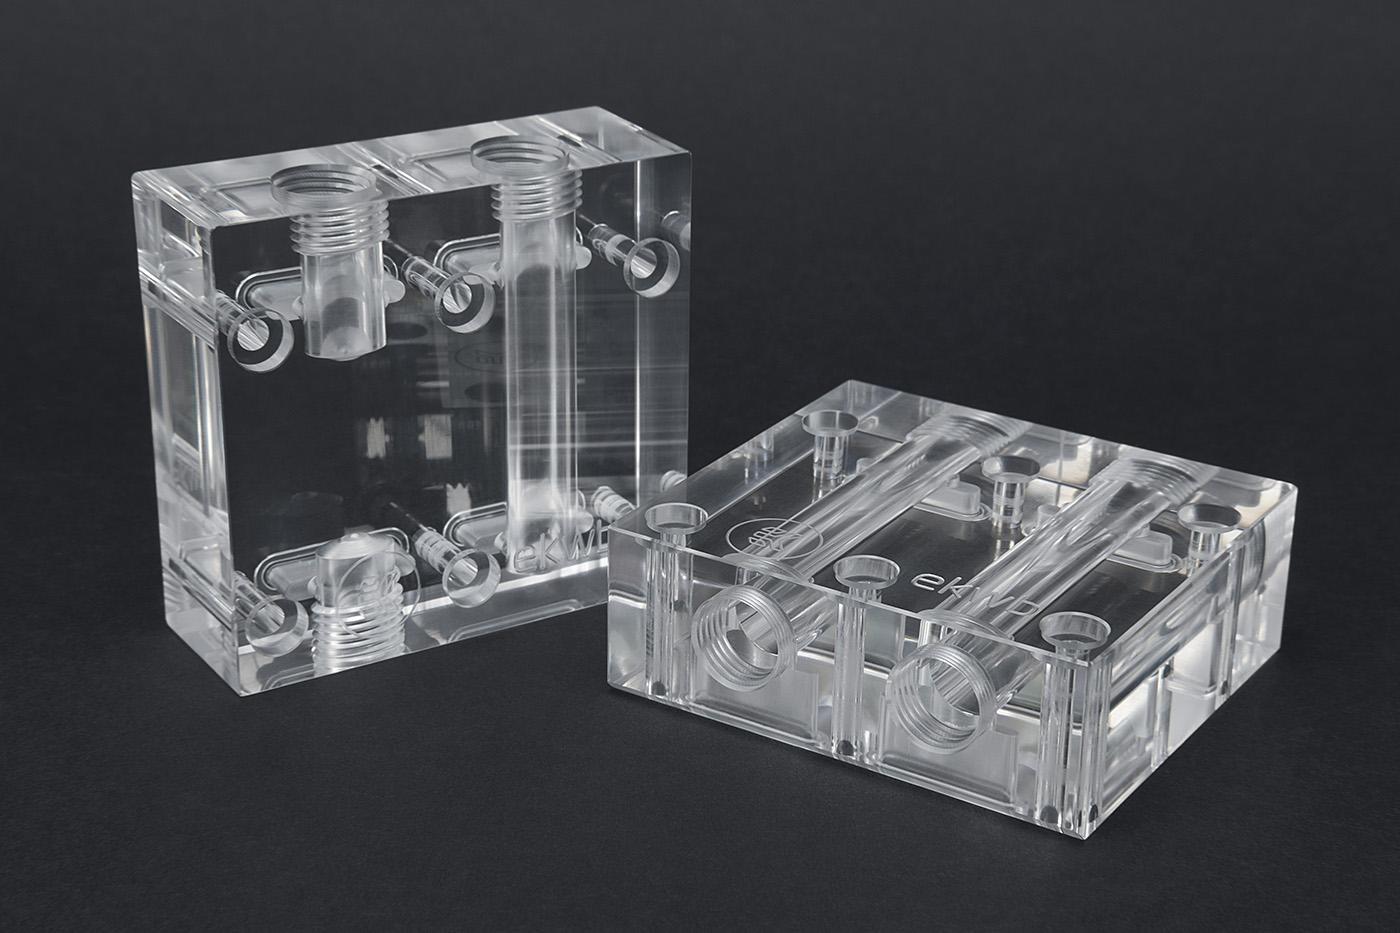 EK Water Blocks Intros New EK-FC Terminal X Series